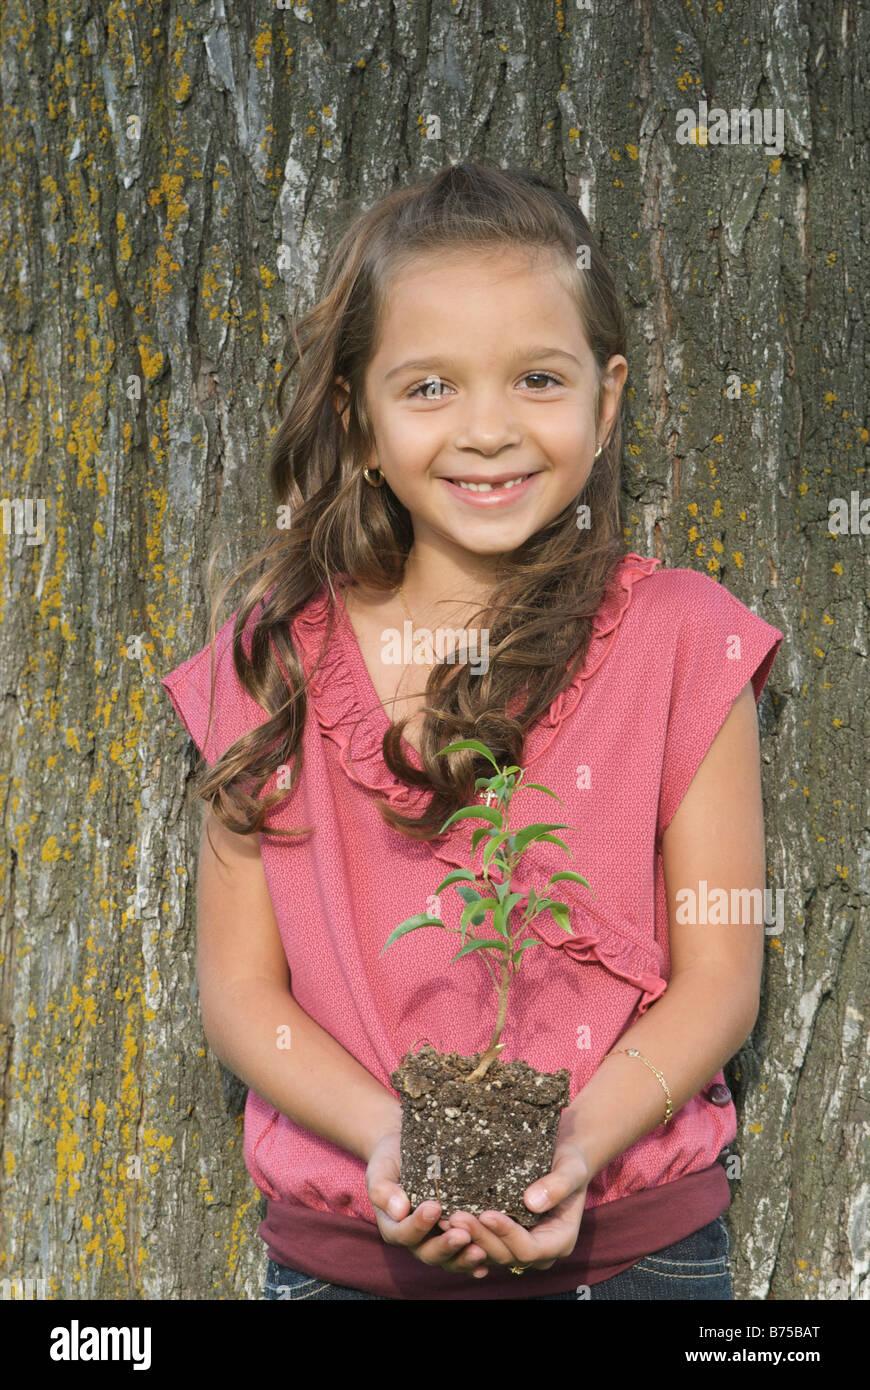 Los siete años de edad, niña celebración seedling junto a árbol, Winnipeg, Canadá Foto de stock